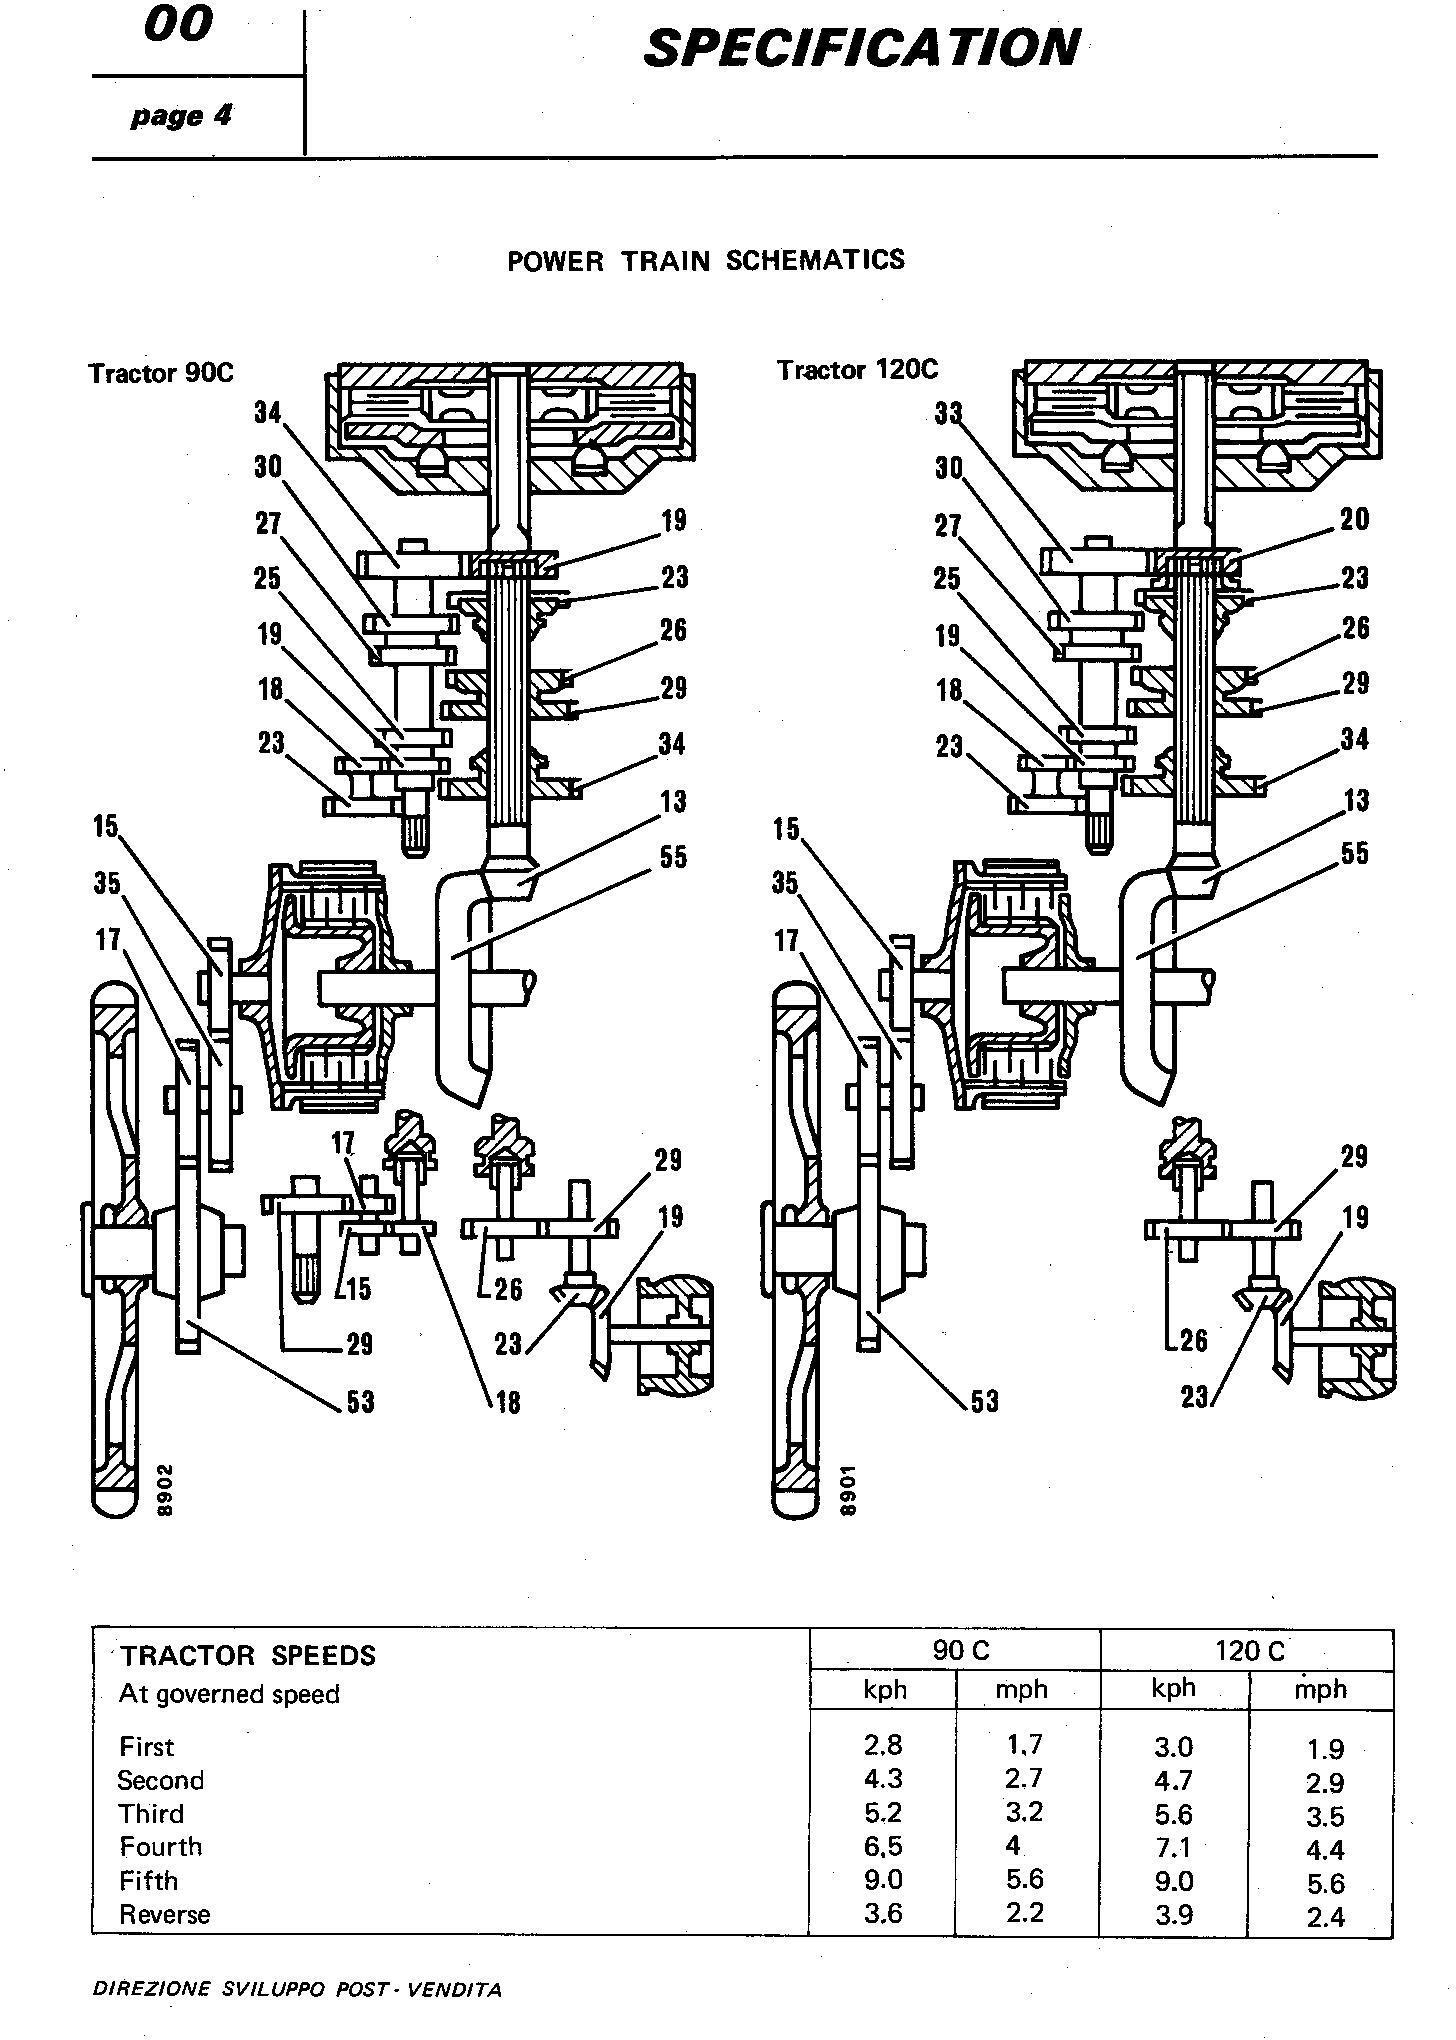 Fiat 90C, 120C Crawler Tractor Service Manual (6035418000) - 2